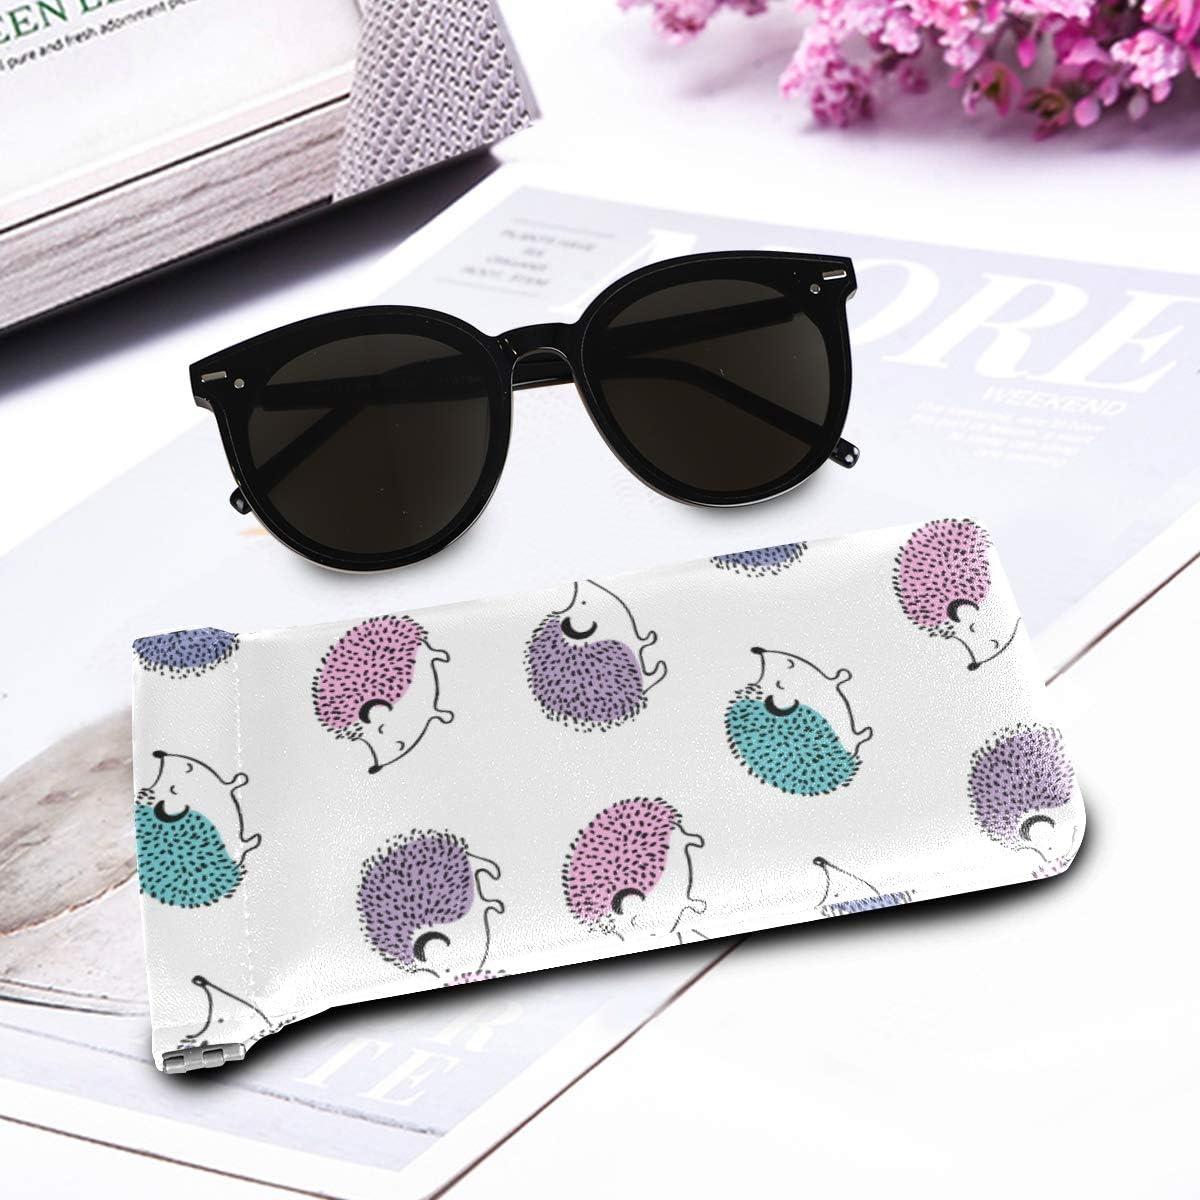 Portable pour femme hommes lunettes de soleil pochette sac /à bijoux squeeze top h/érisson mignon dessin anim/é animal impression /étuis /à lunettes